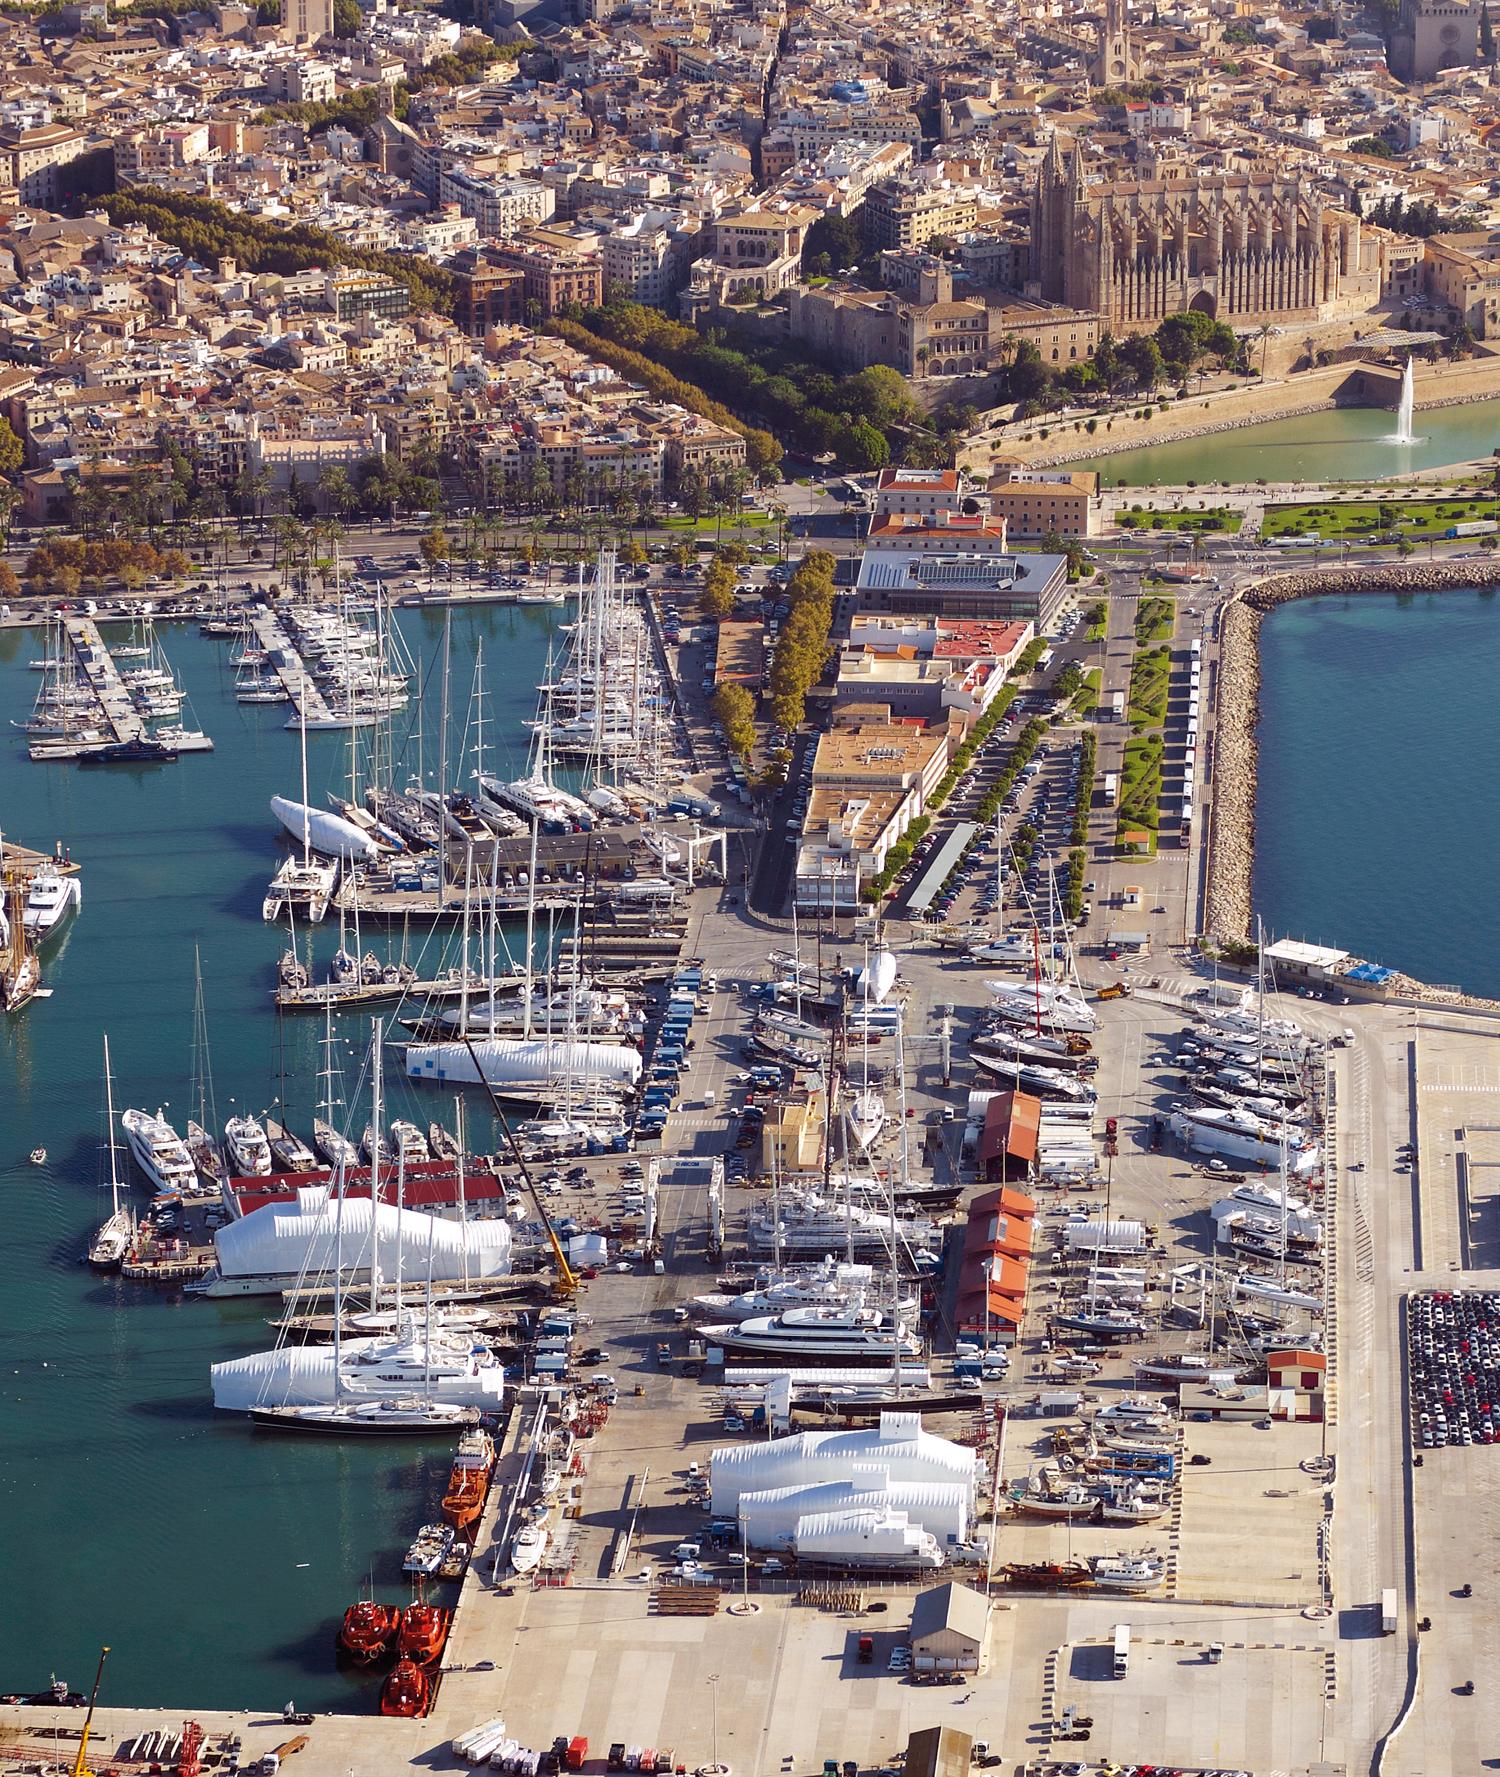 s-t-p-shipyard,-marina-port-de-mallorca-y-marina-palma-cuarentena-participan-en-el-salón-náutico-de-palma-presentando-novedades-muy-interesantes-para-todos-sus-clientes